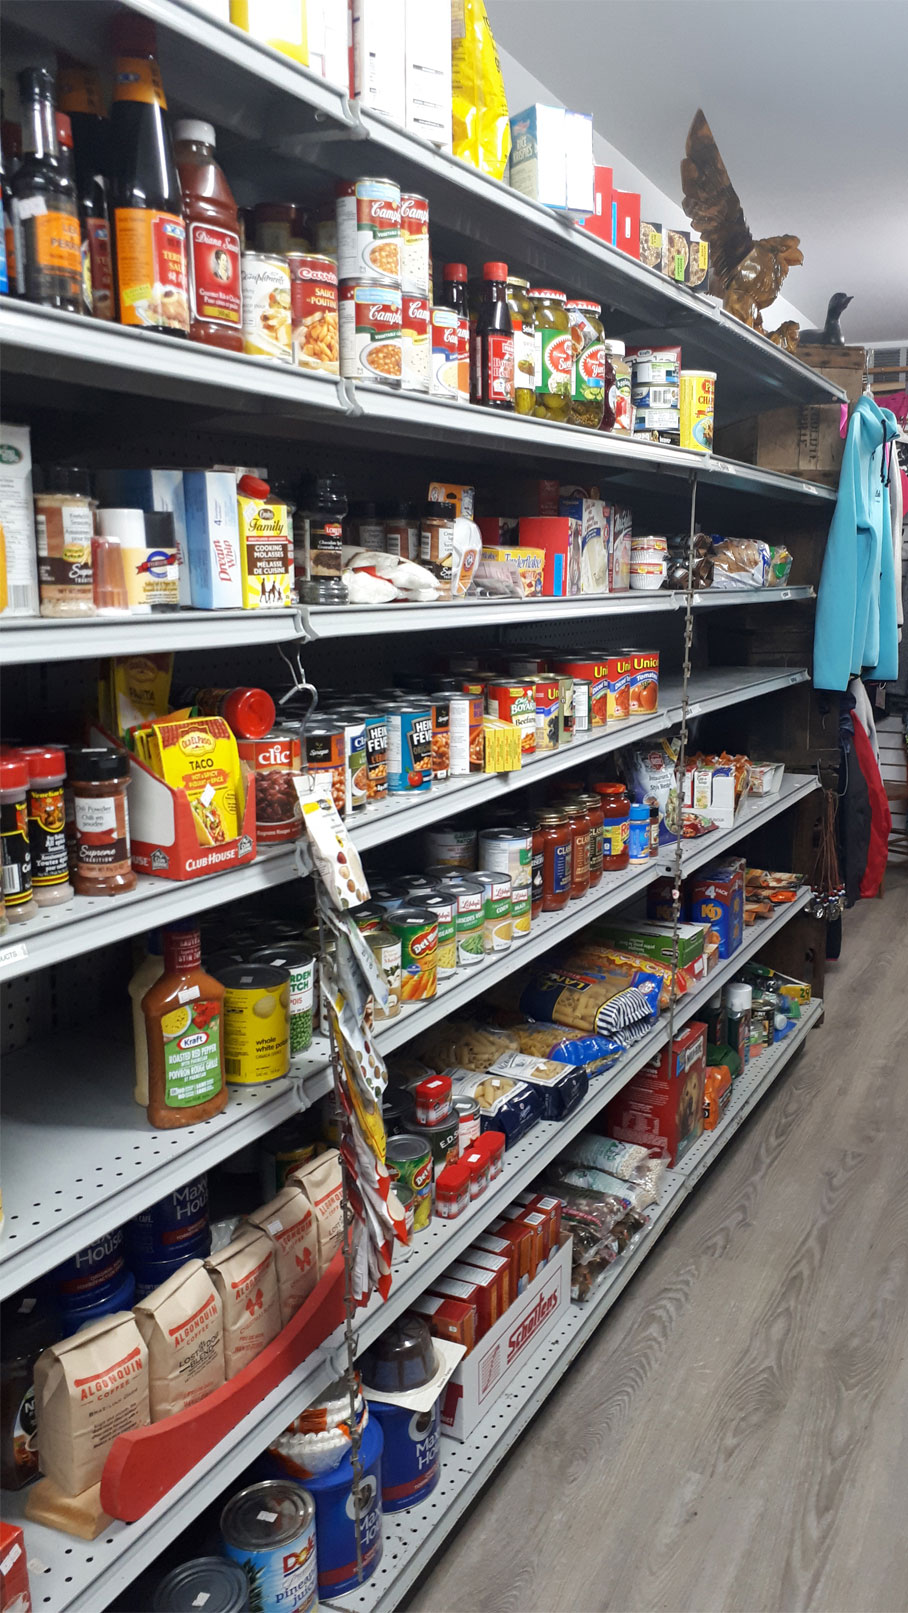 groceriessm.jpg